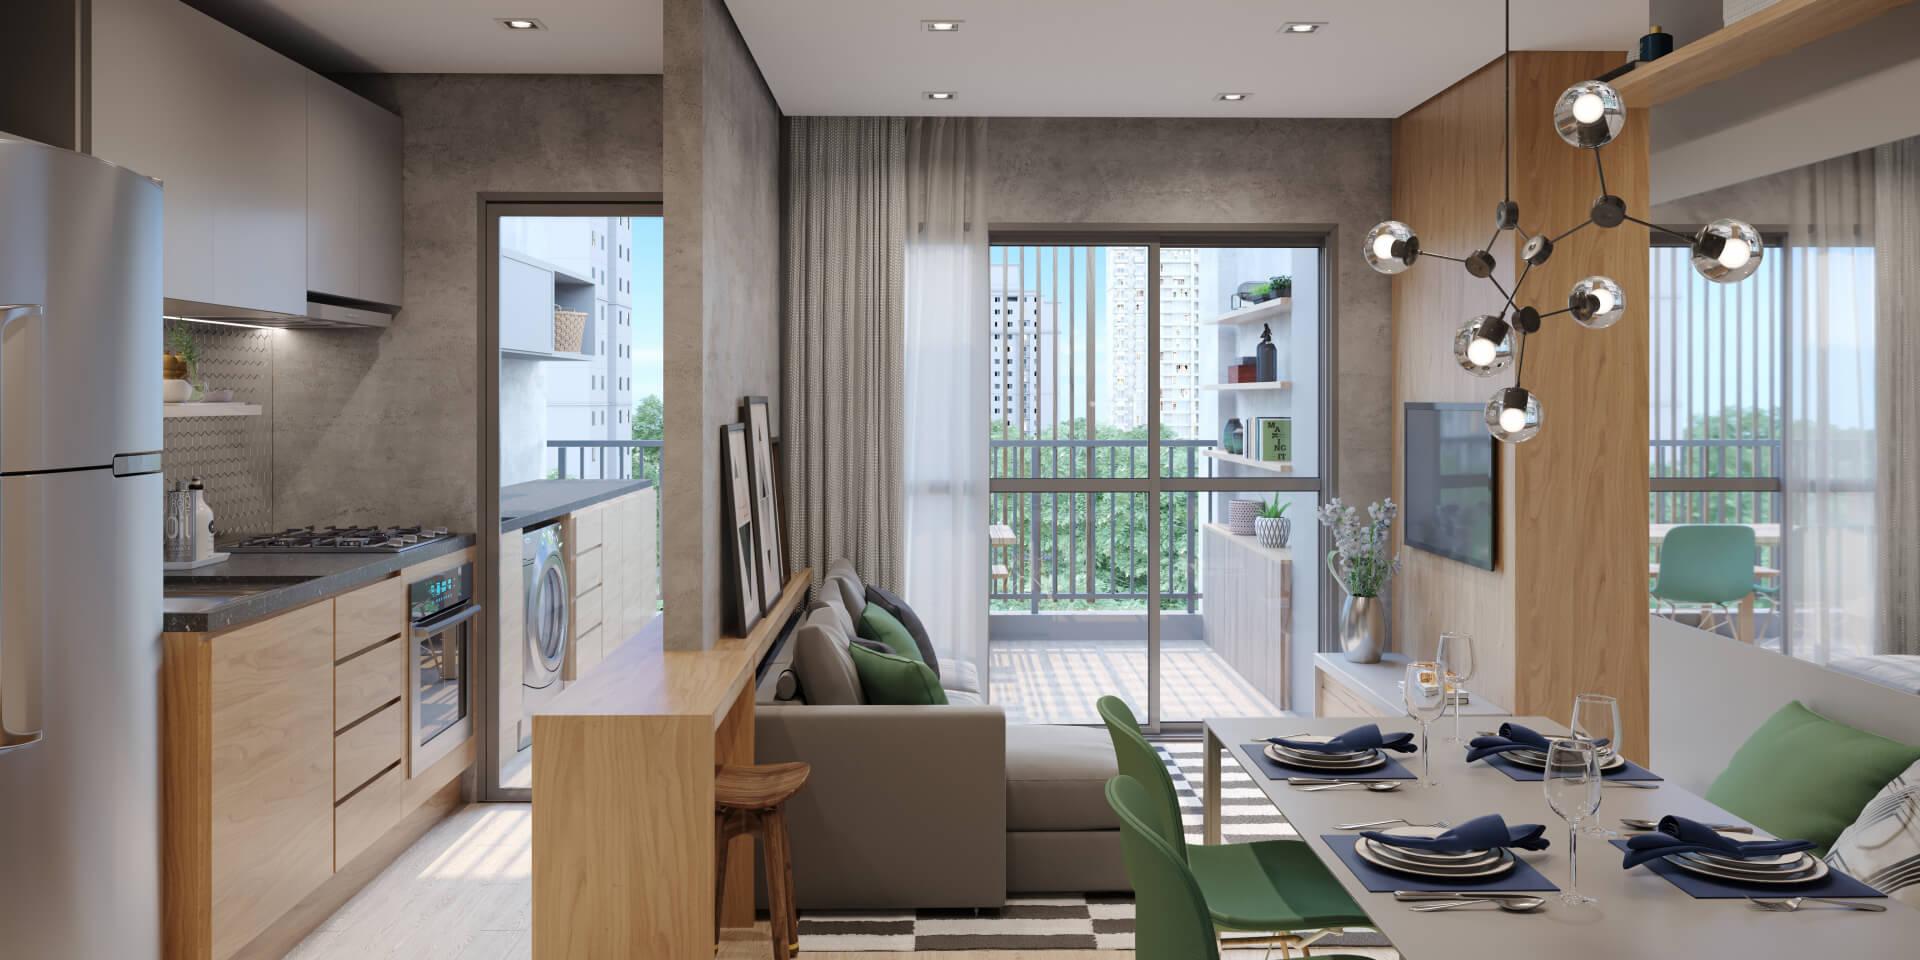 LIVING com áreas de estar e jantar integradas, criando um confortável ambiente social para receber bem seus amigos e família. Destaque para passagem direta entre cozinha e terraço, garantindo uma circulação fluída entre os espaços.